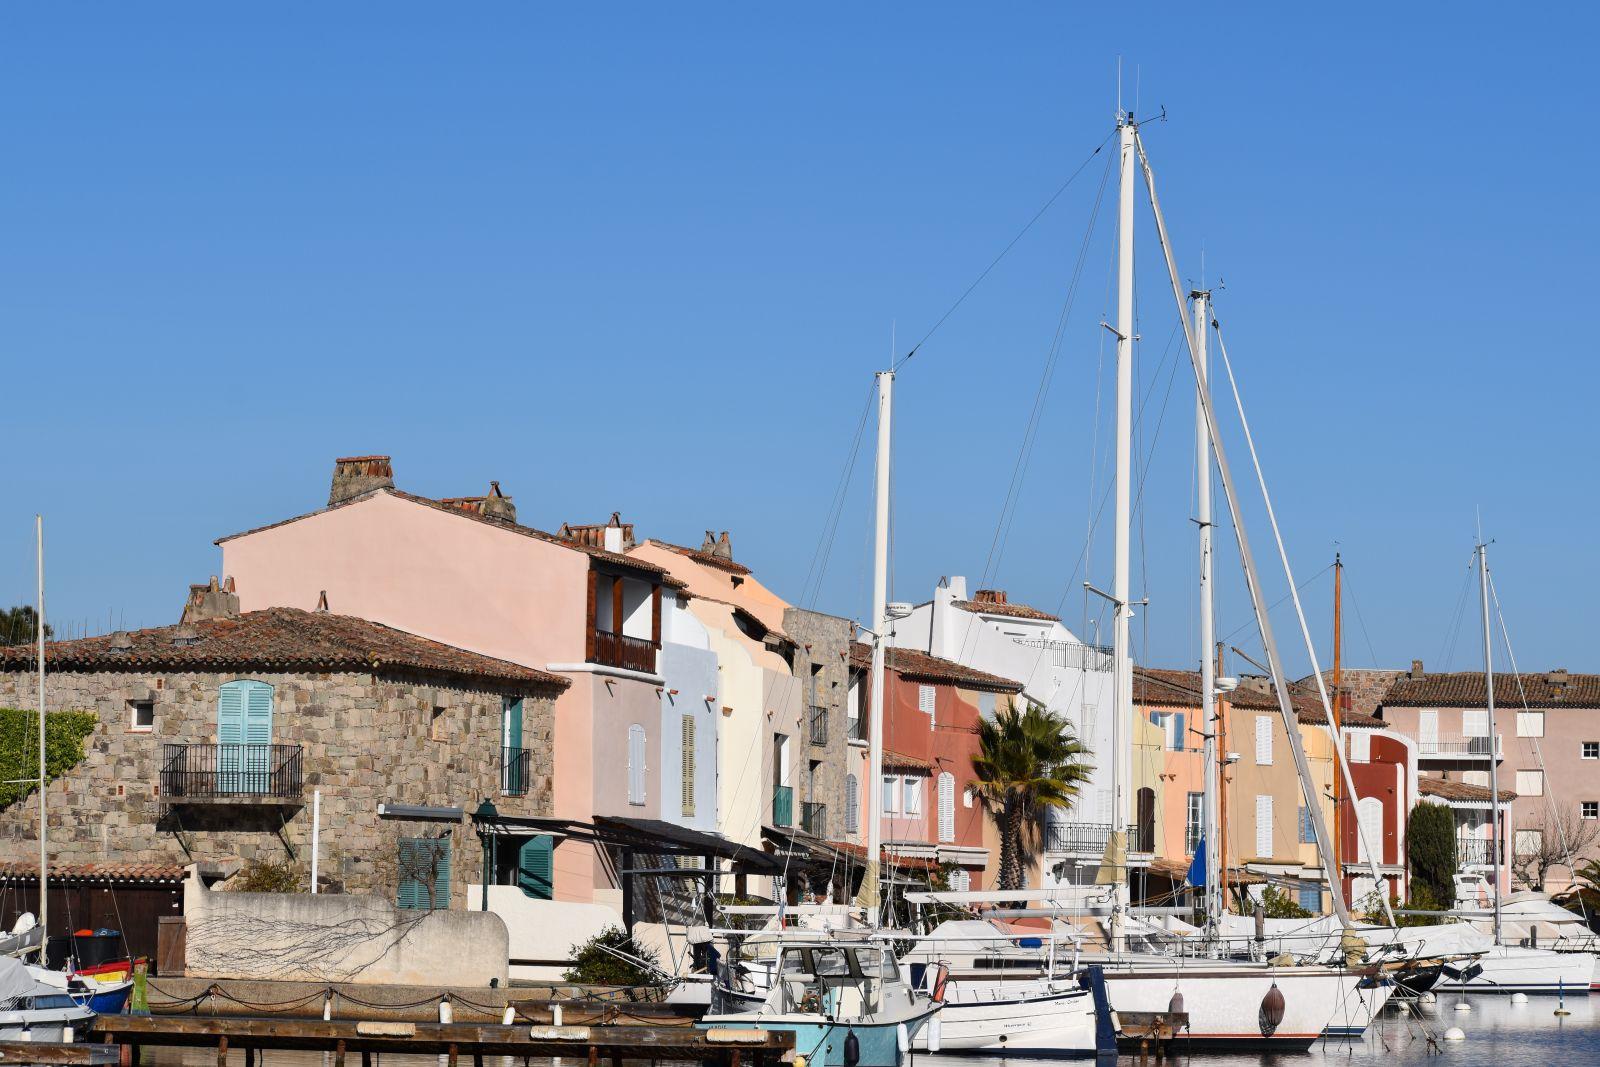 Maisons colorées de Port-Grimaud